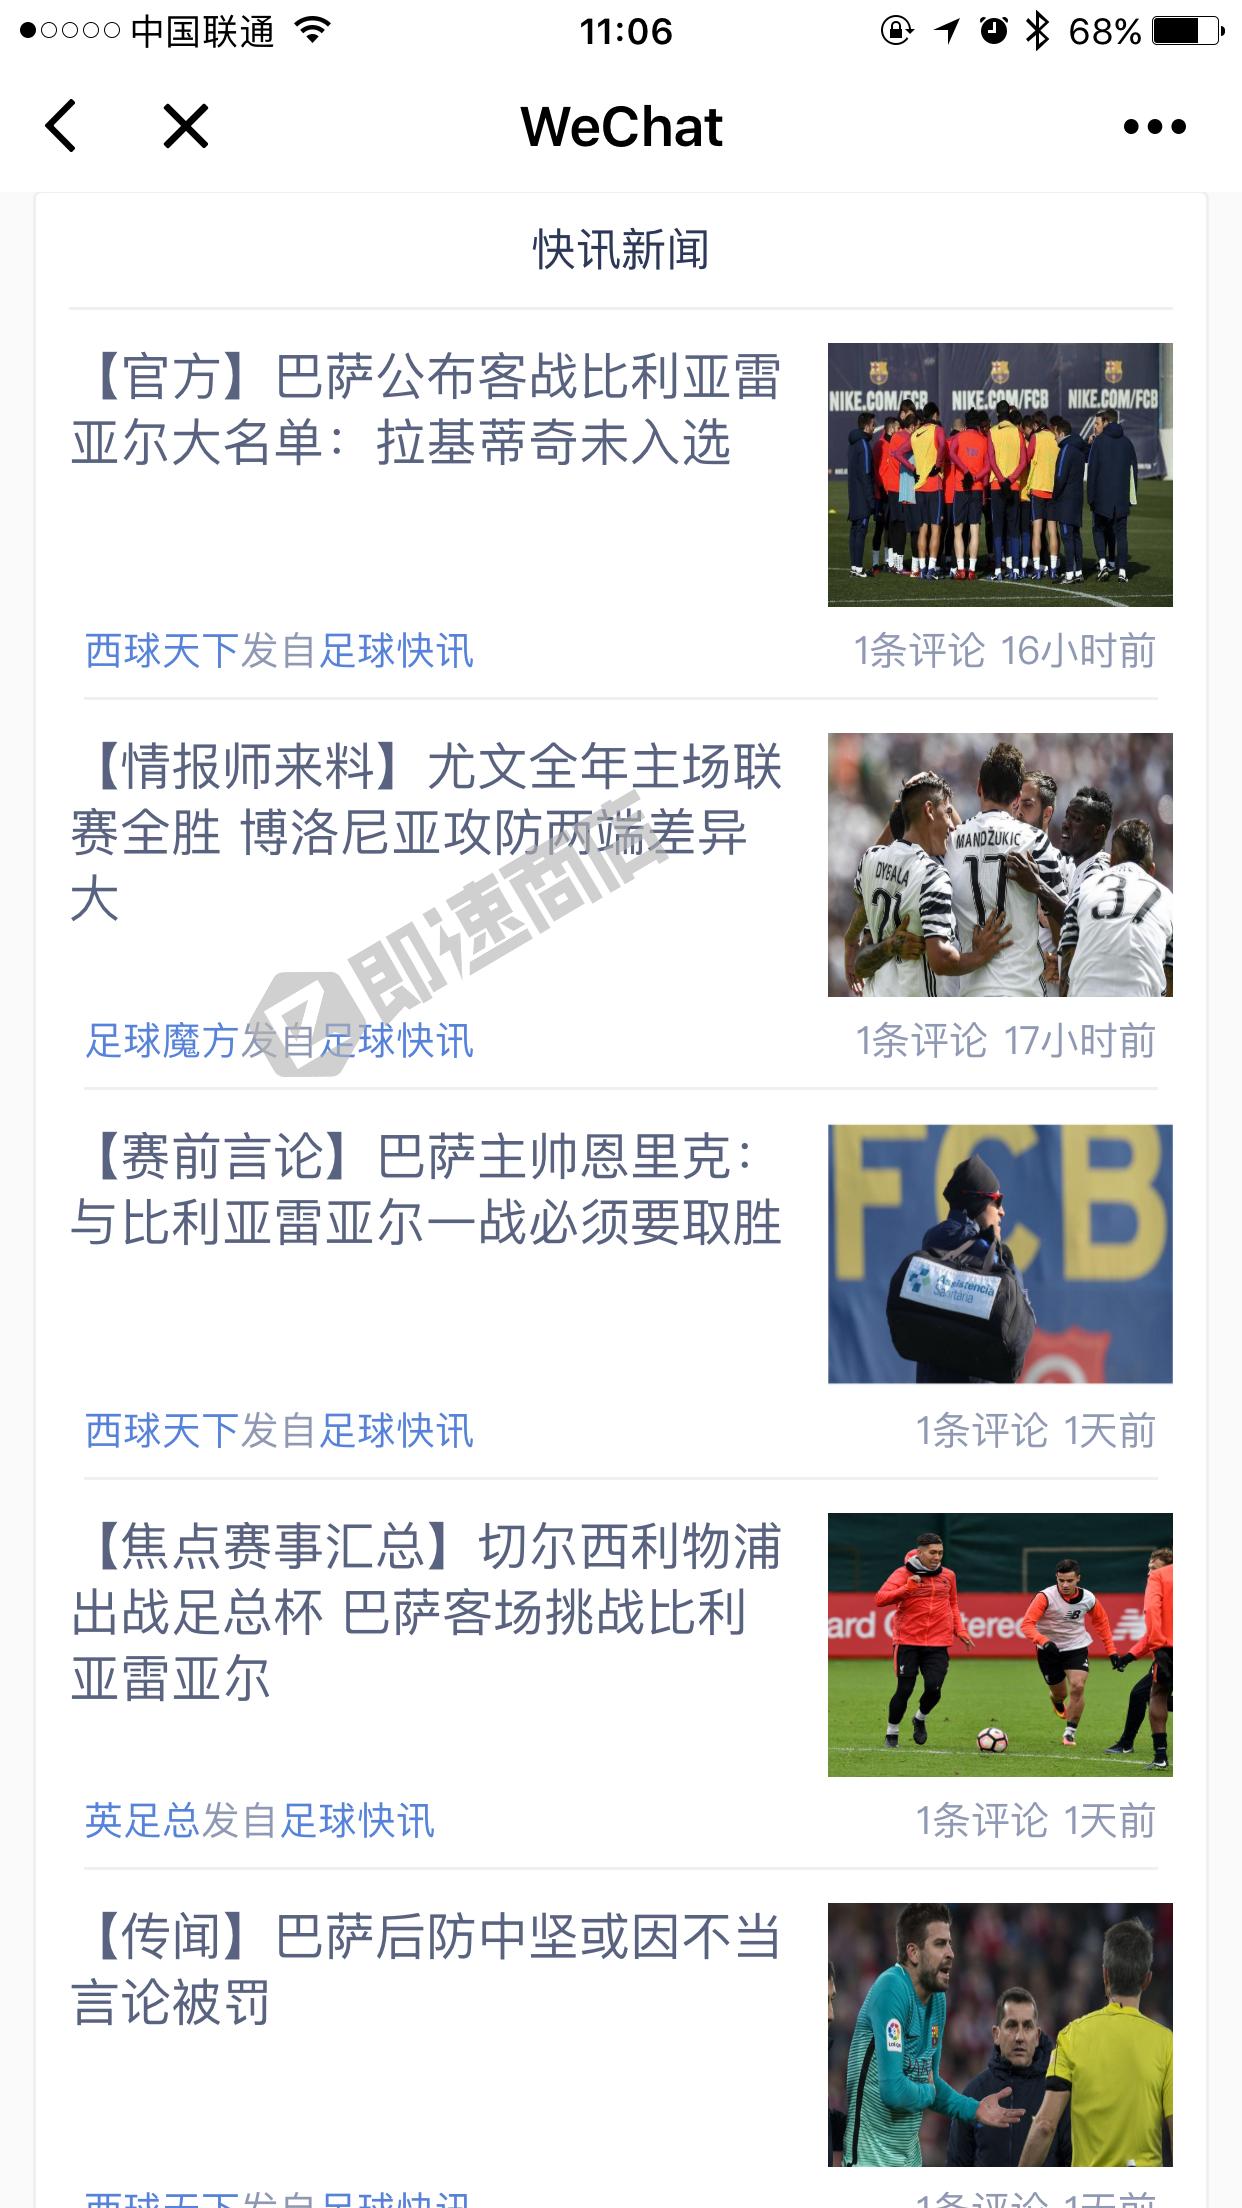 足球魔方社区小程序详情页截图